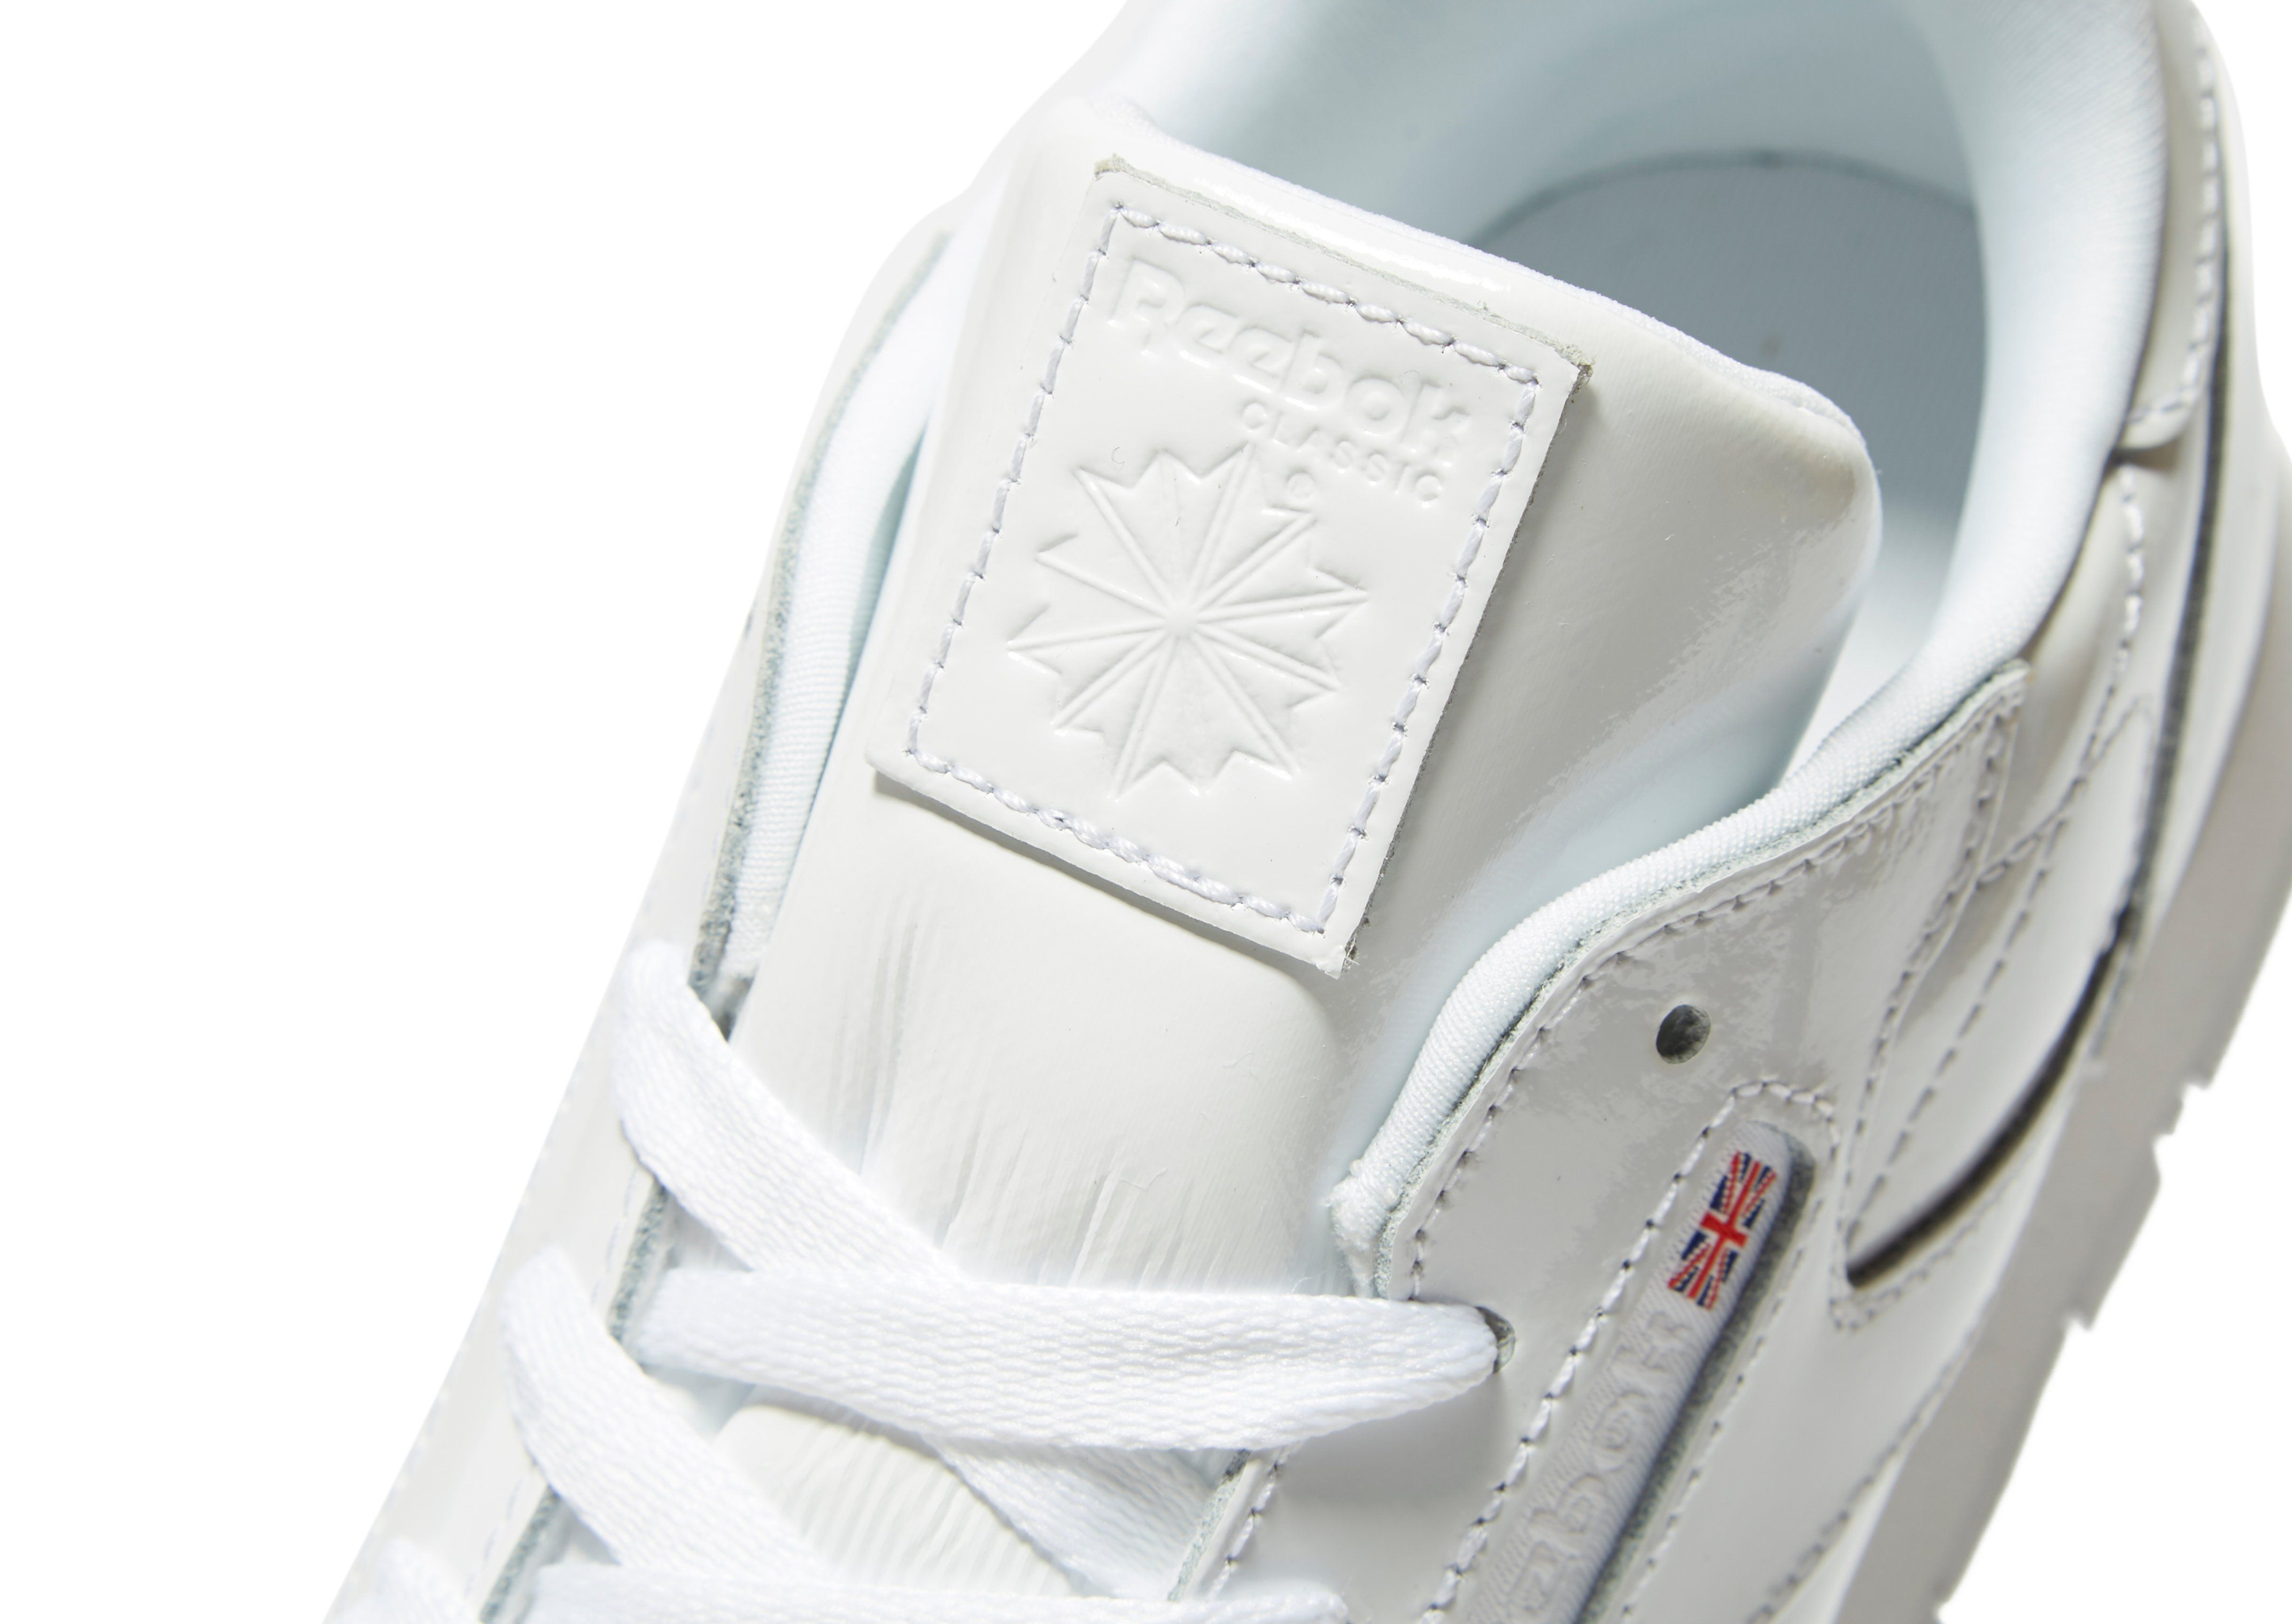 Reebok Classic Leather Patent Children Weiss Freies Verschiffen Sneakernews RhVKXtv